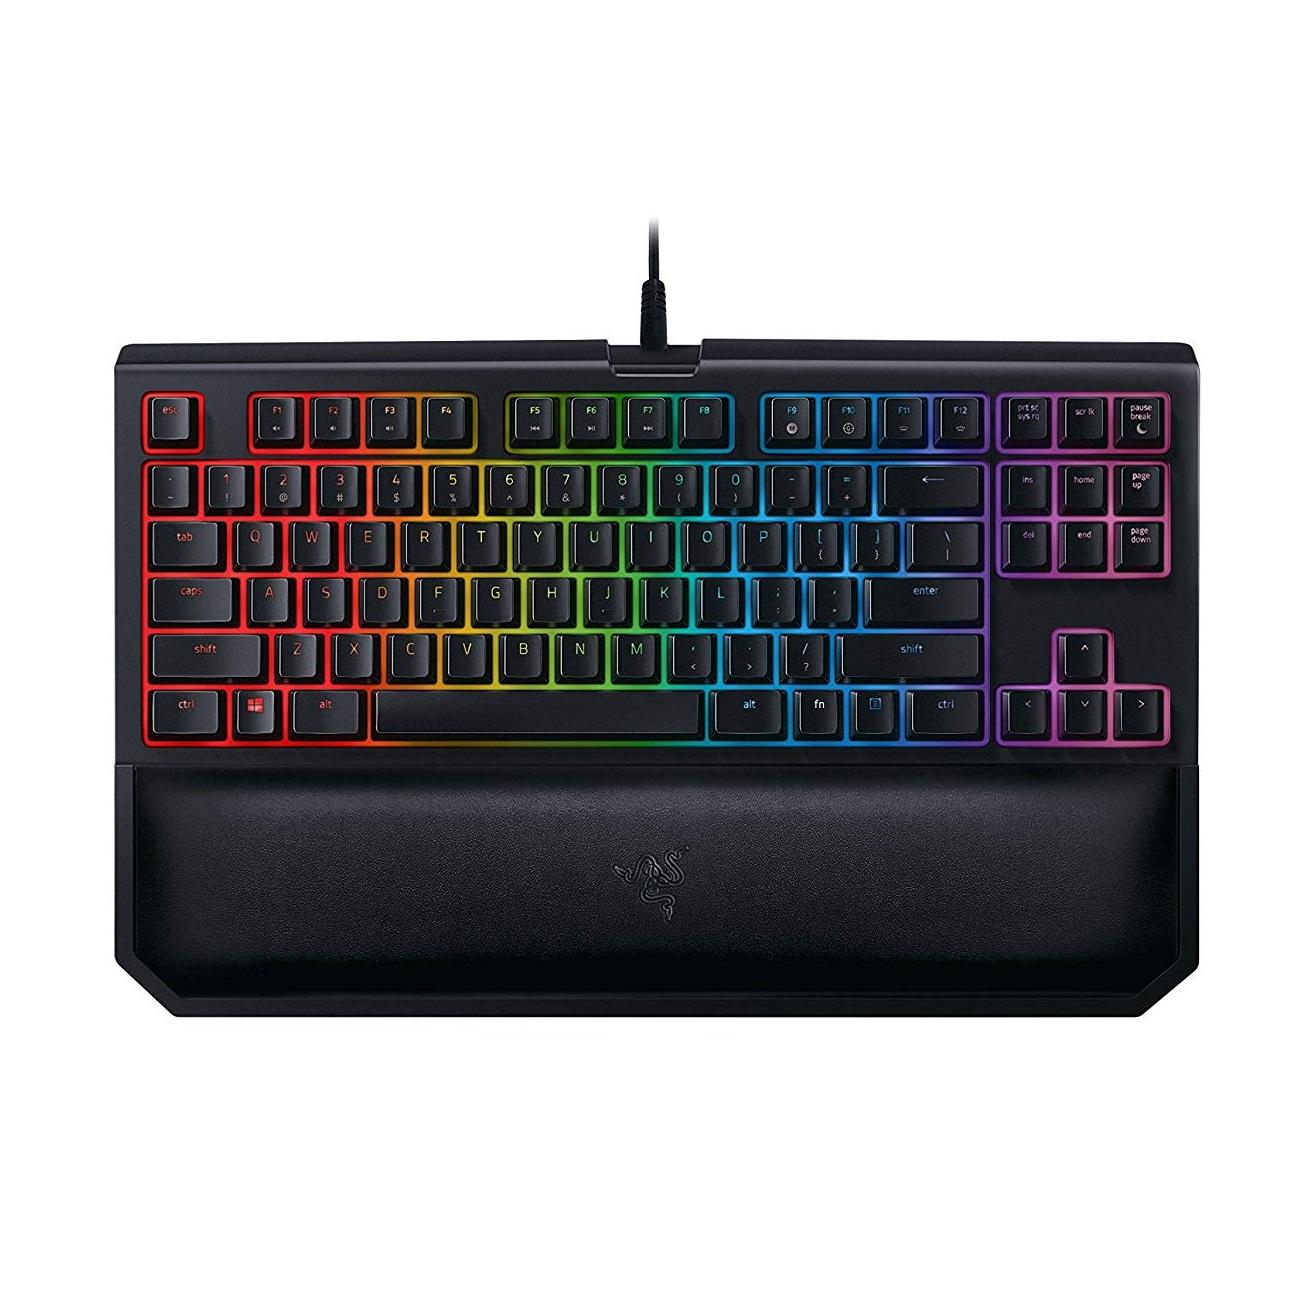 低價!【中亞Prime會員】Razer 雷蛇 黑寡婦蜘蛛 競技幻彩版V2 RGB機械鍵盤